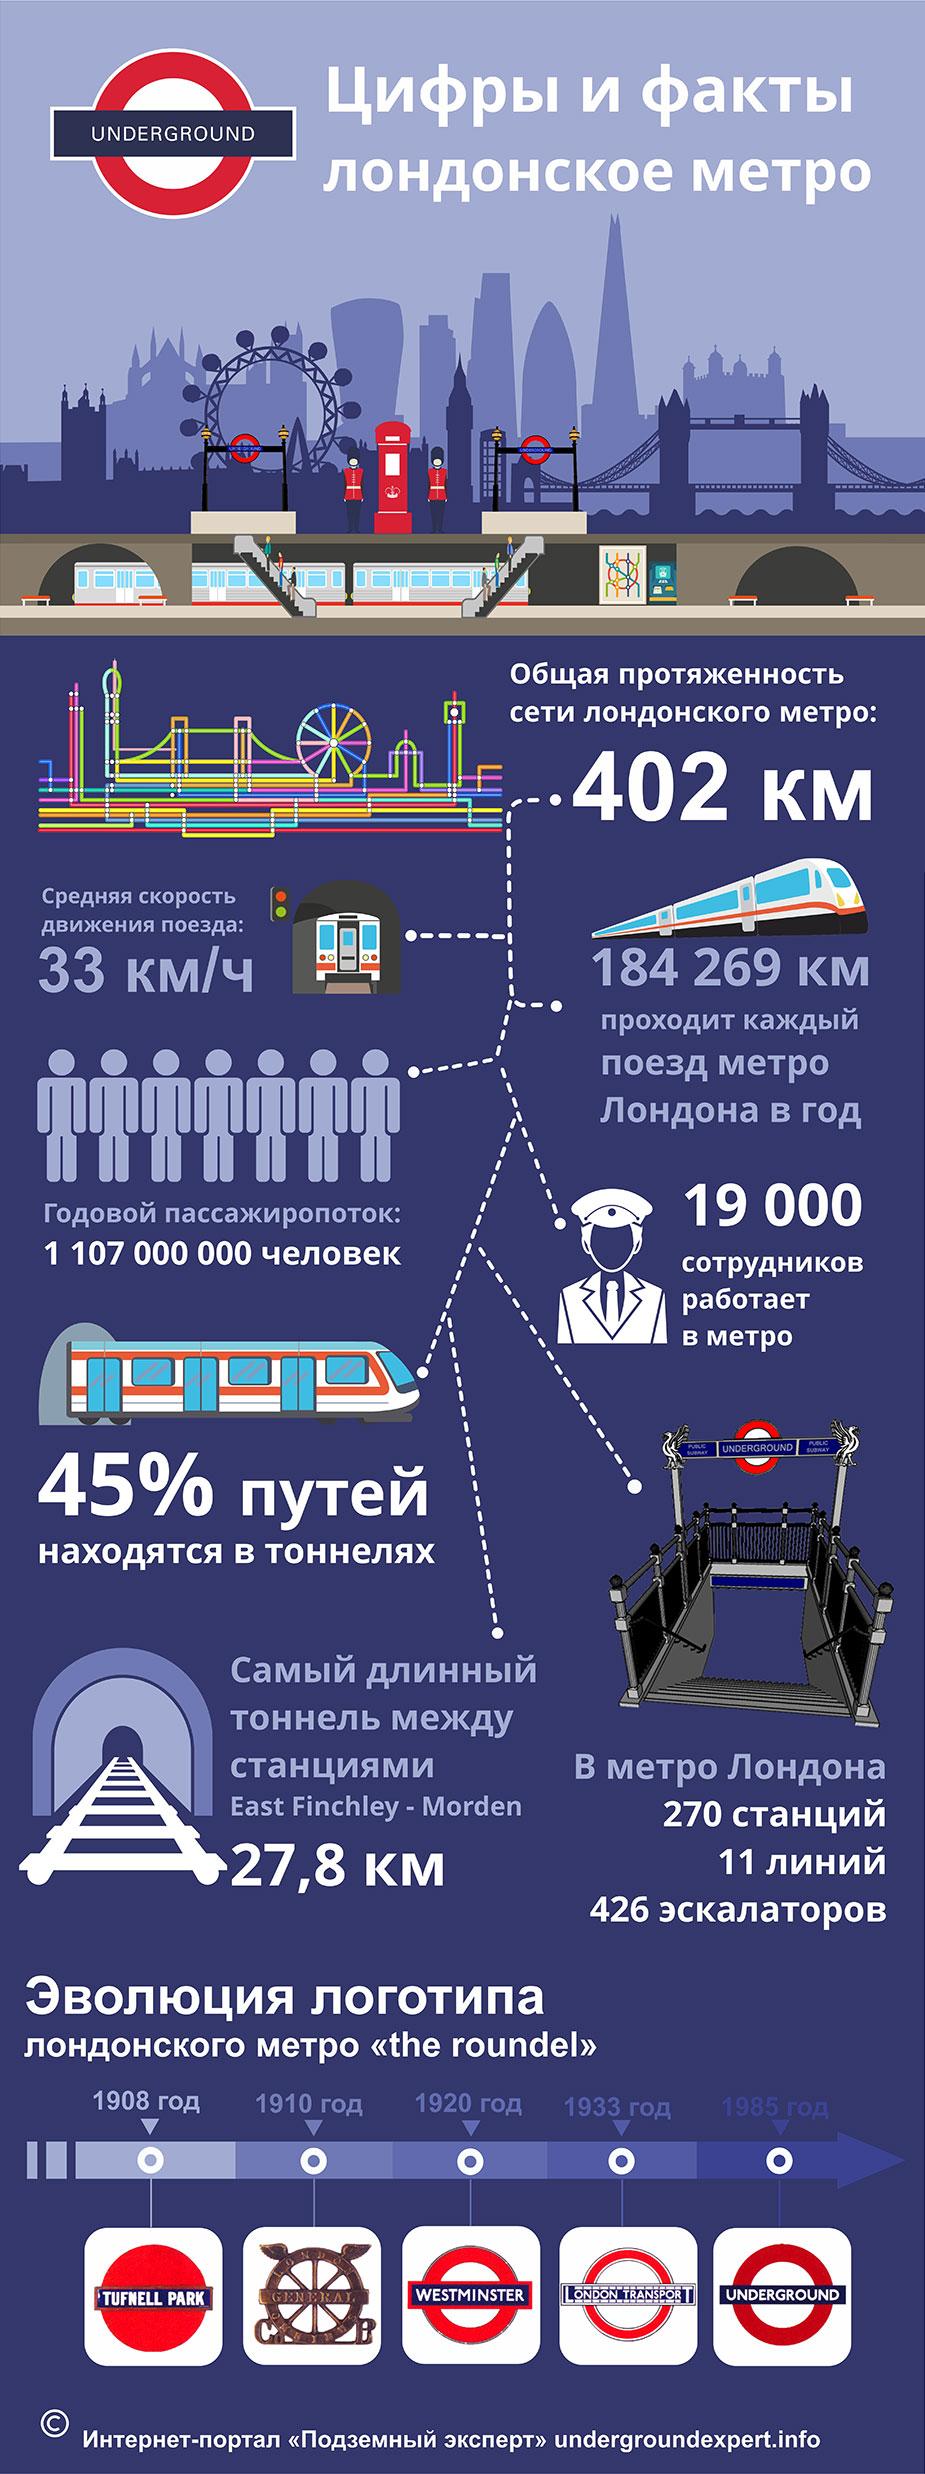 Цифры и факты о лондонском метро